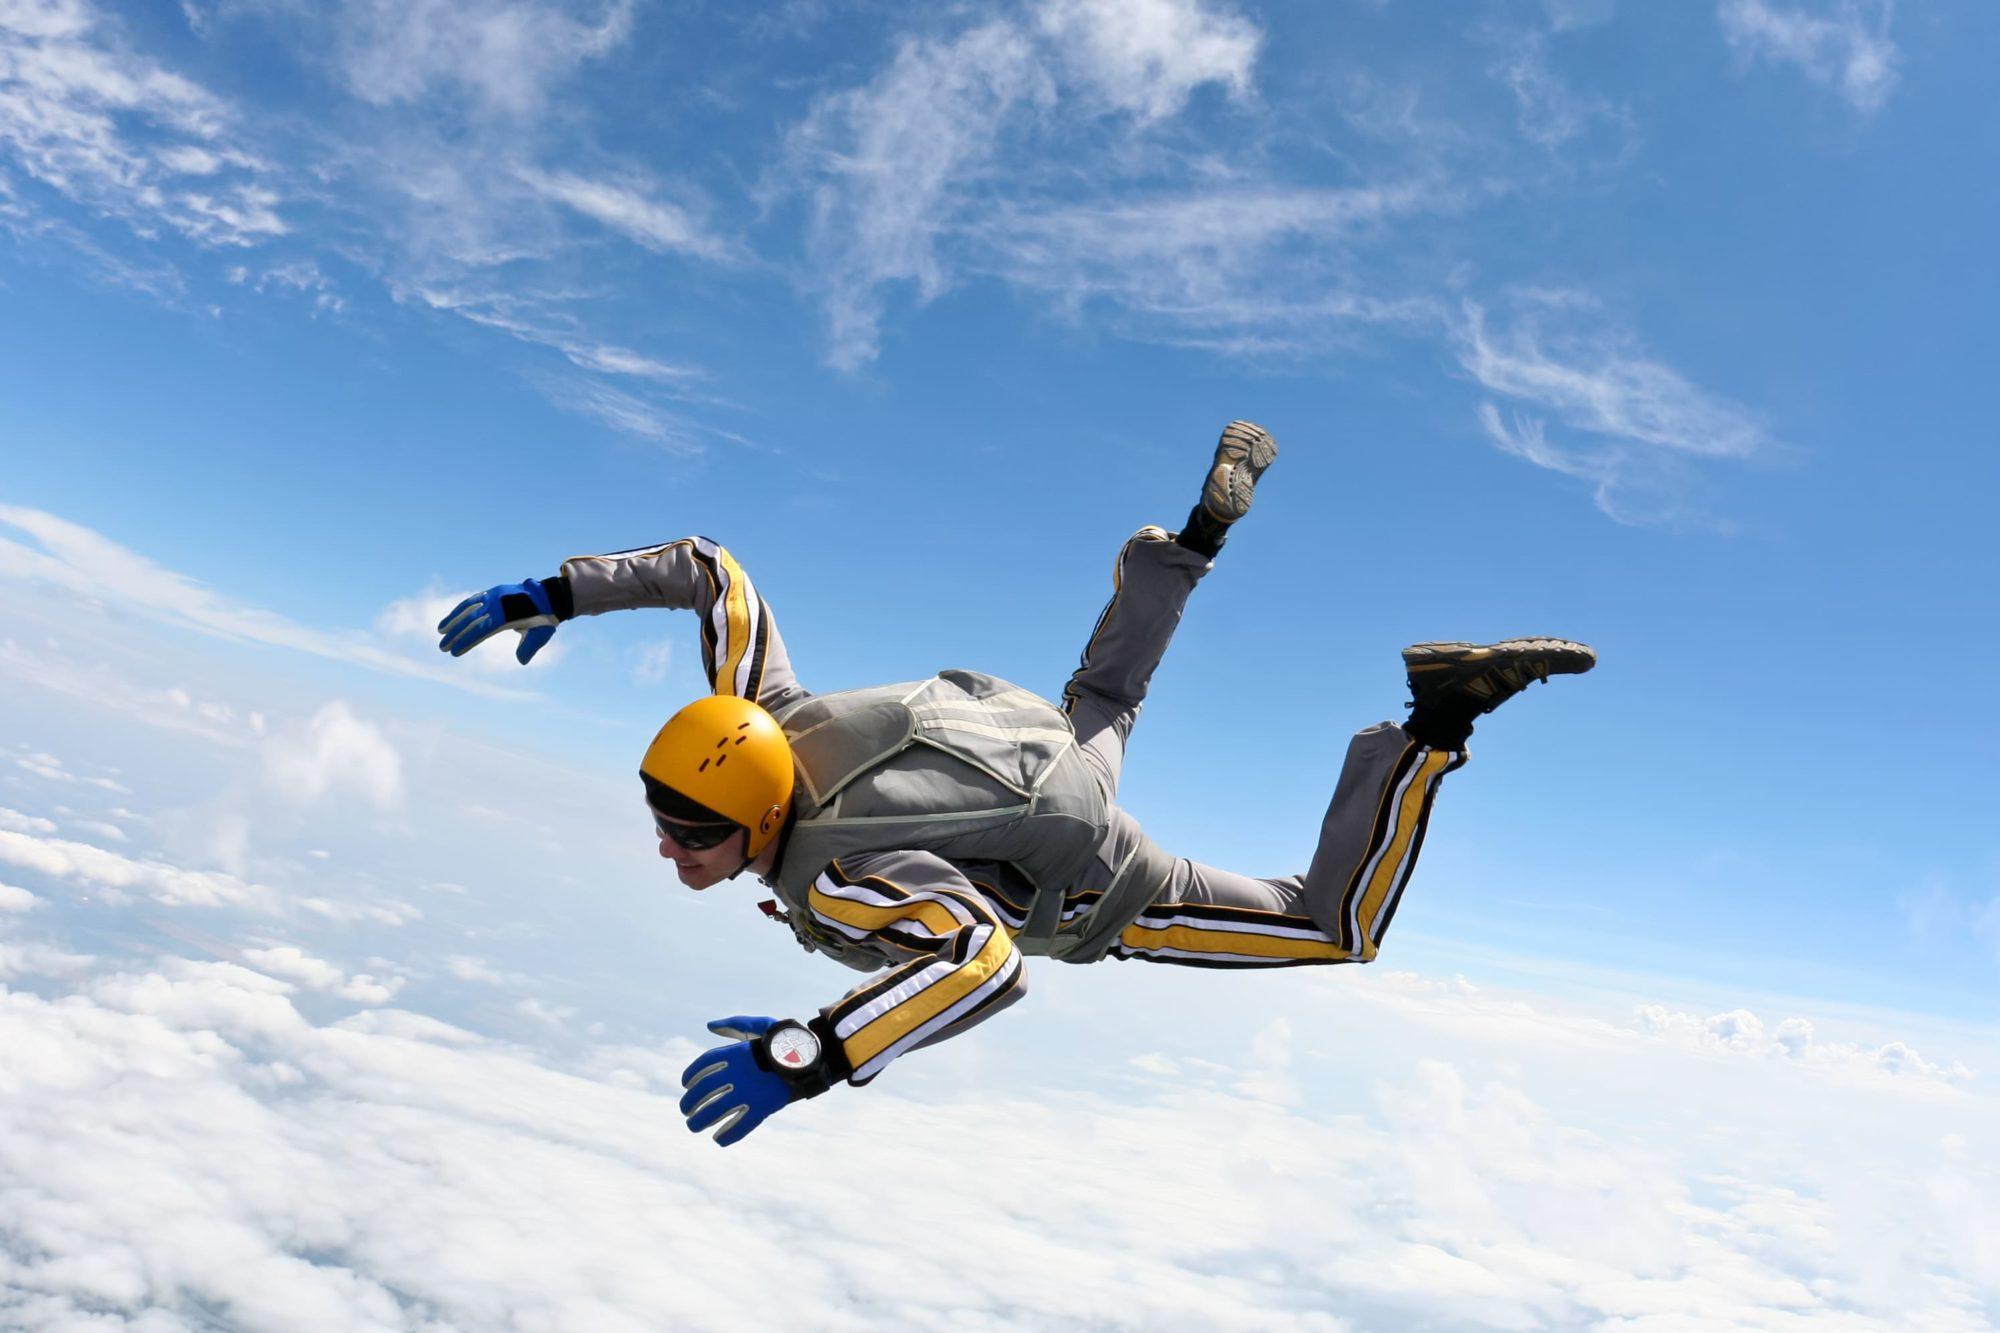 sport keuring parachute springen bij de sportarts van sport medisch centrum papendal